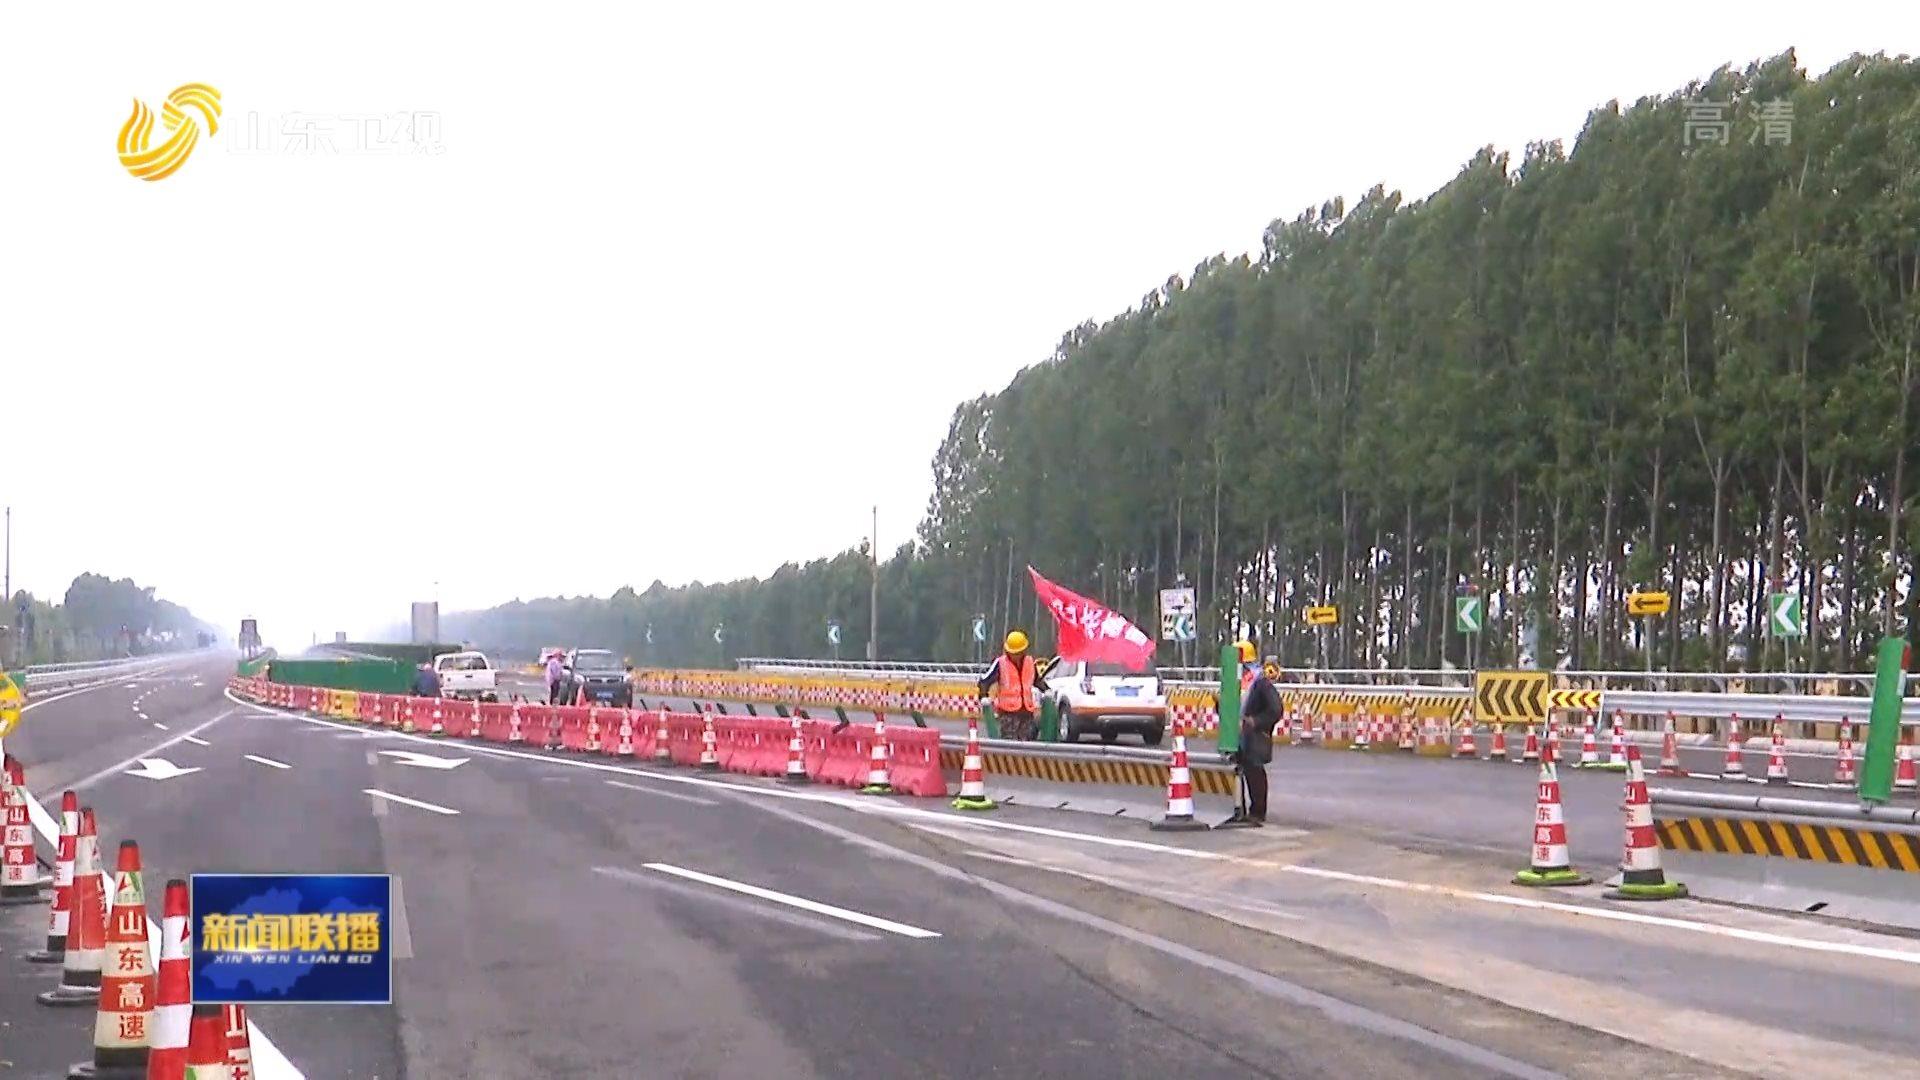 京台高速改扩建项目第一阶段工程提前实现半幅双向通车